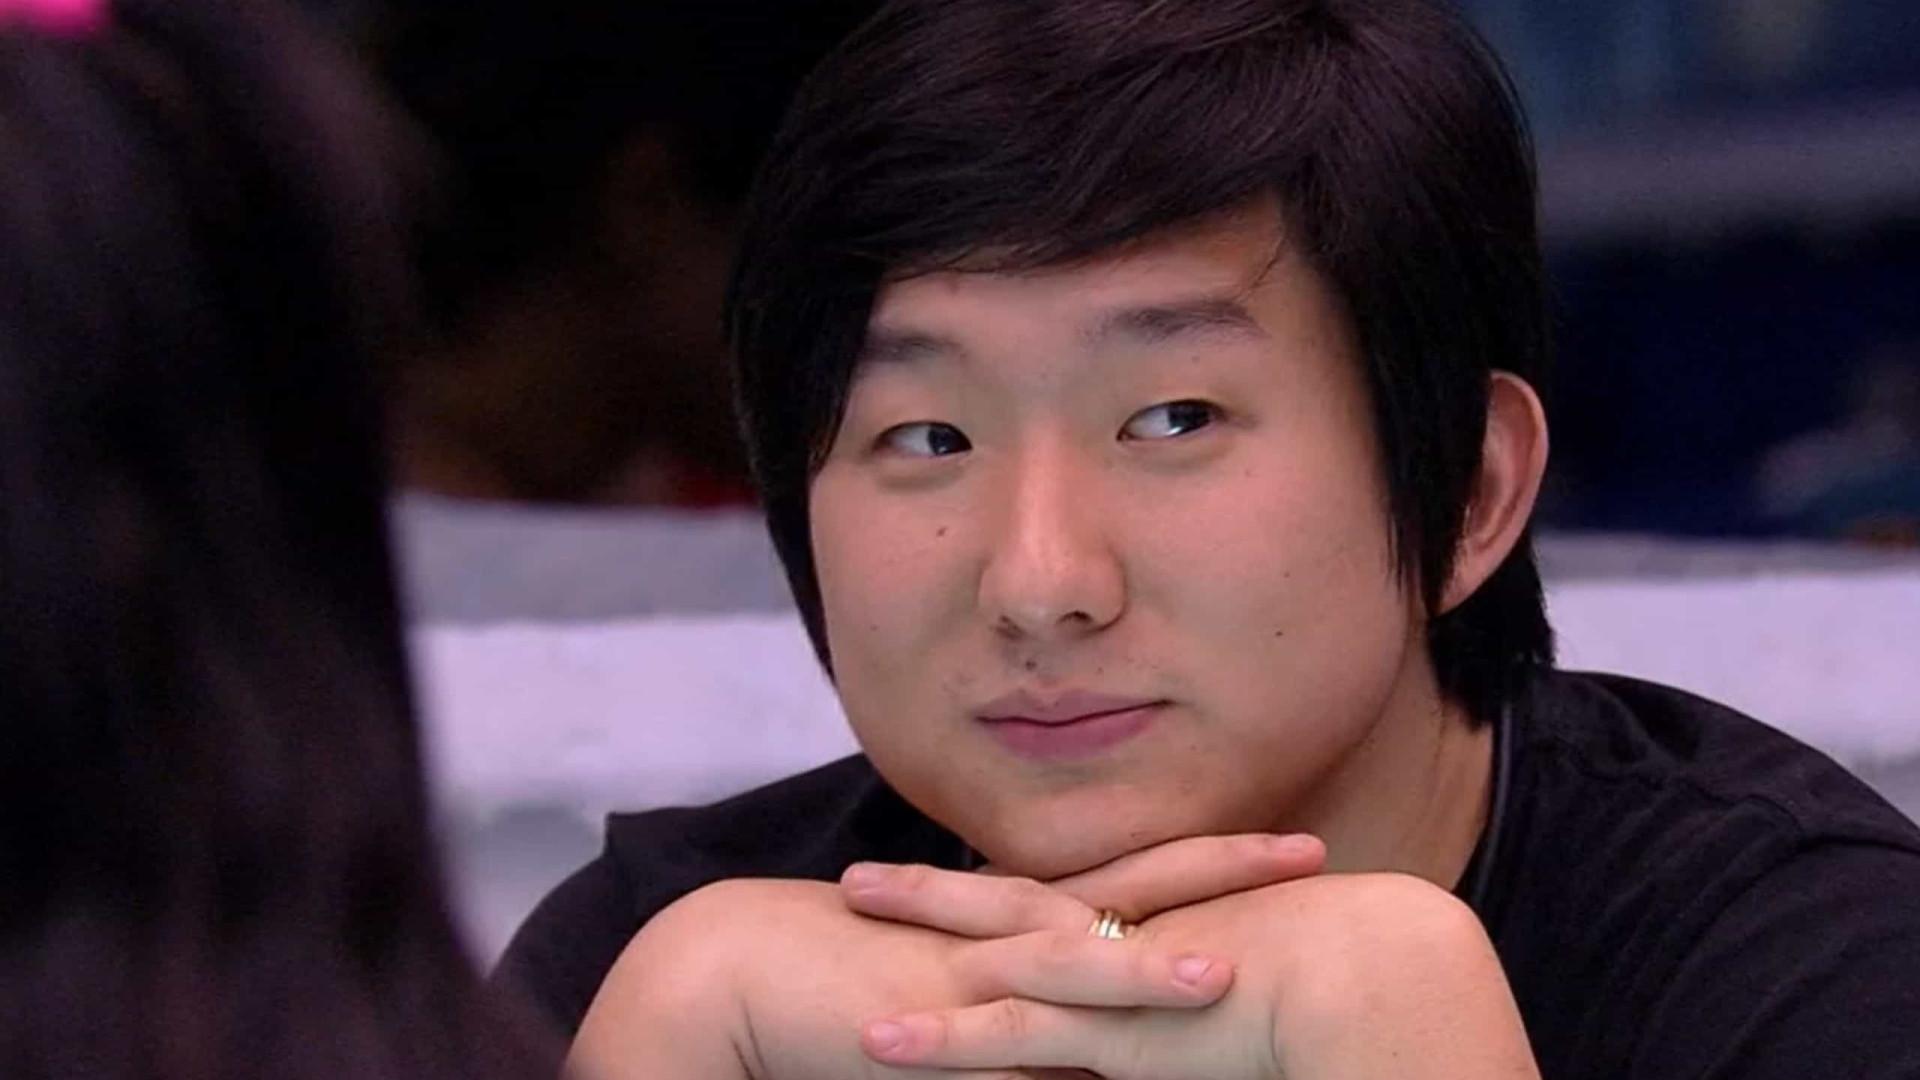 Pyong Lee diz usar mesma camiseta há uma semana e não passa desodorante